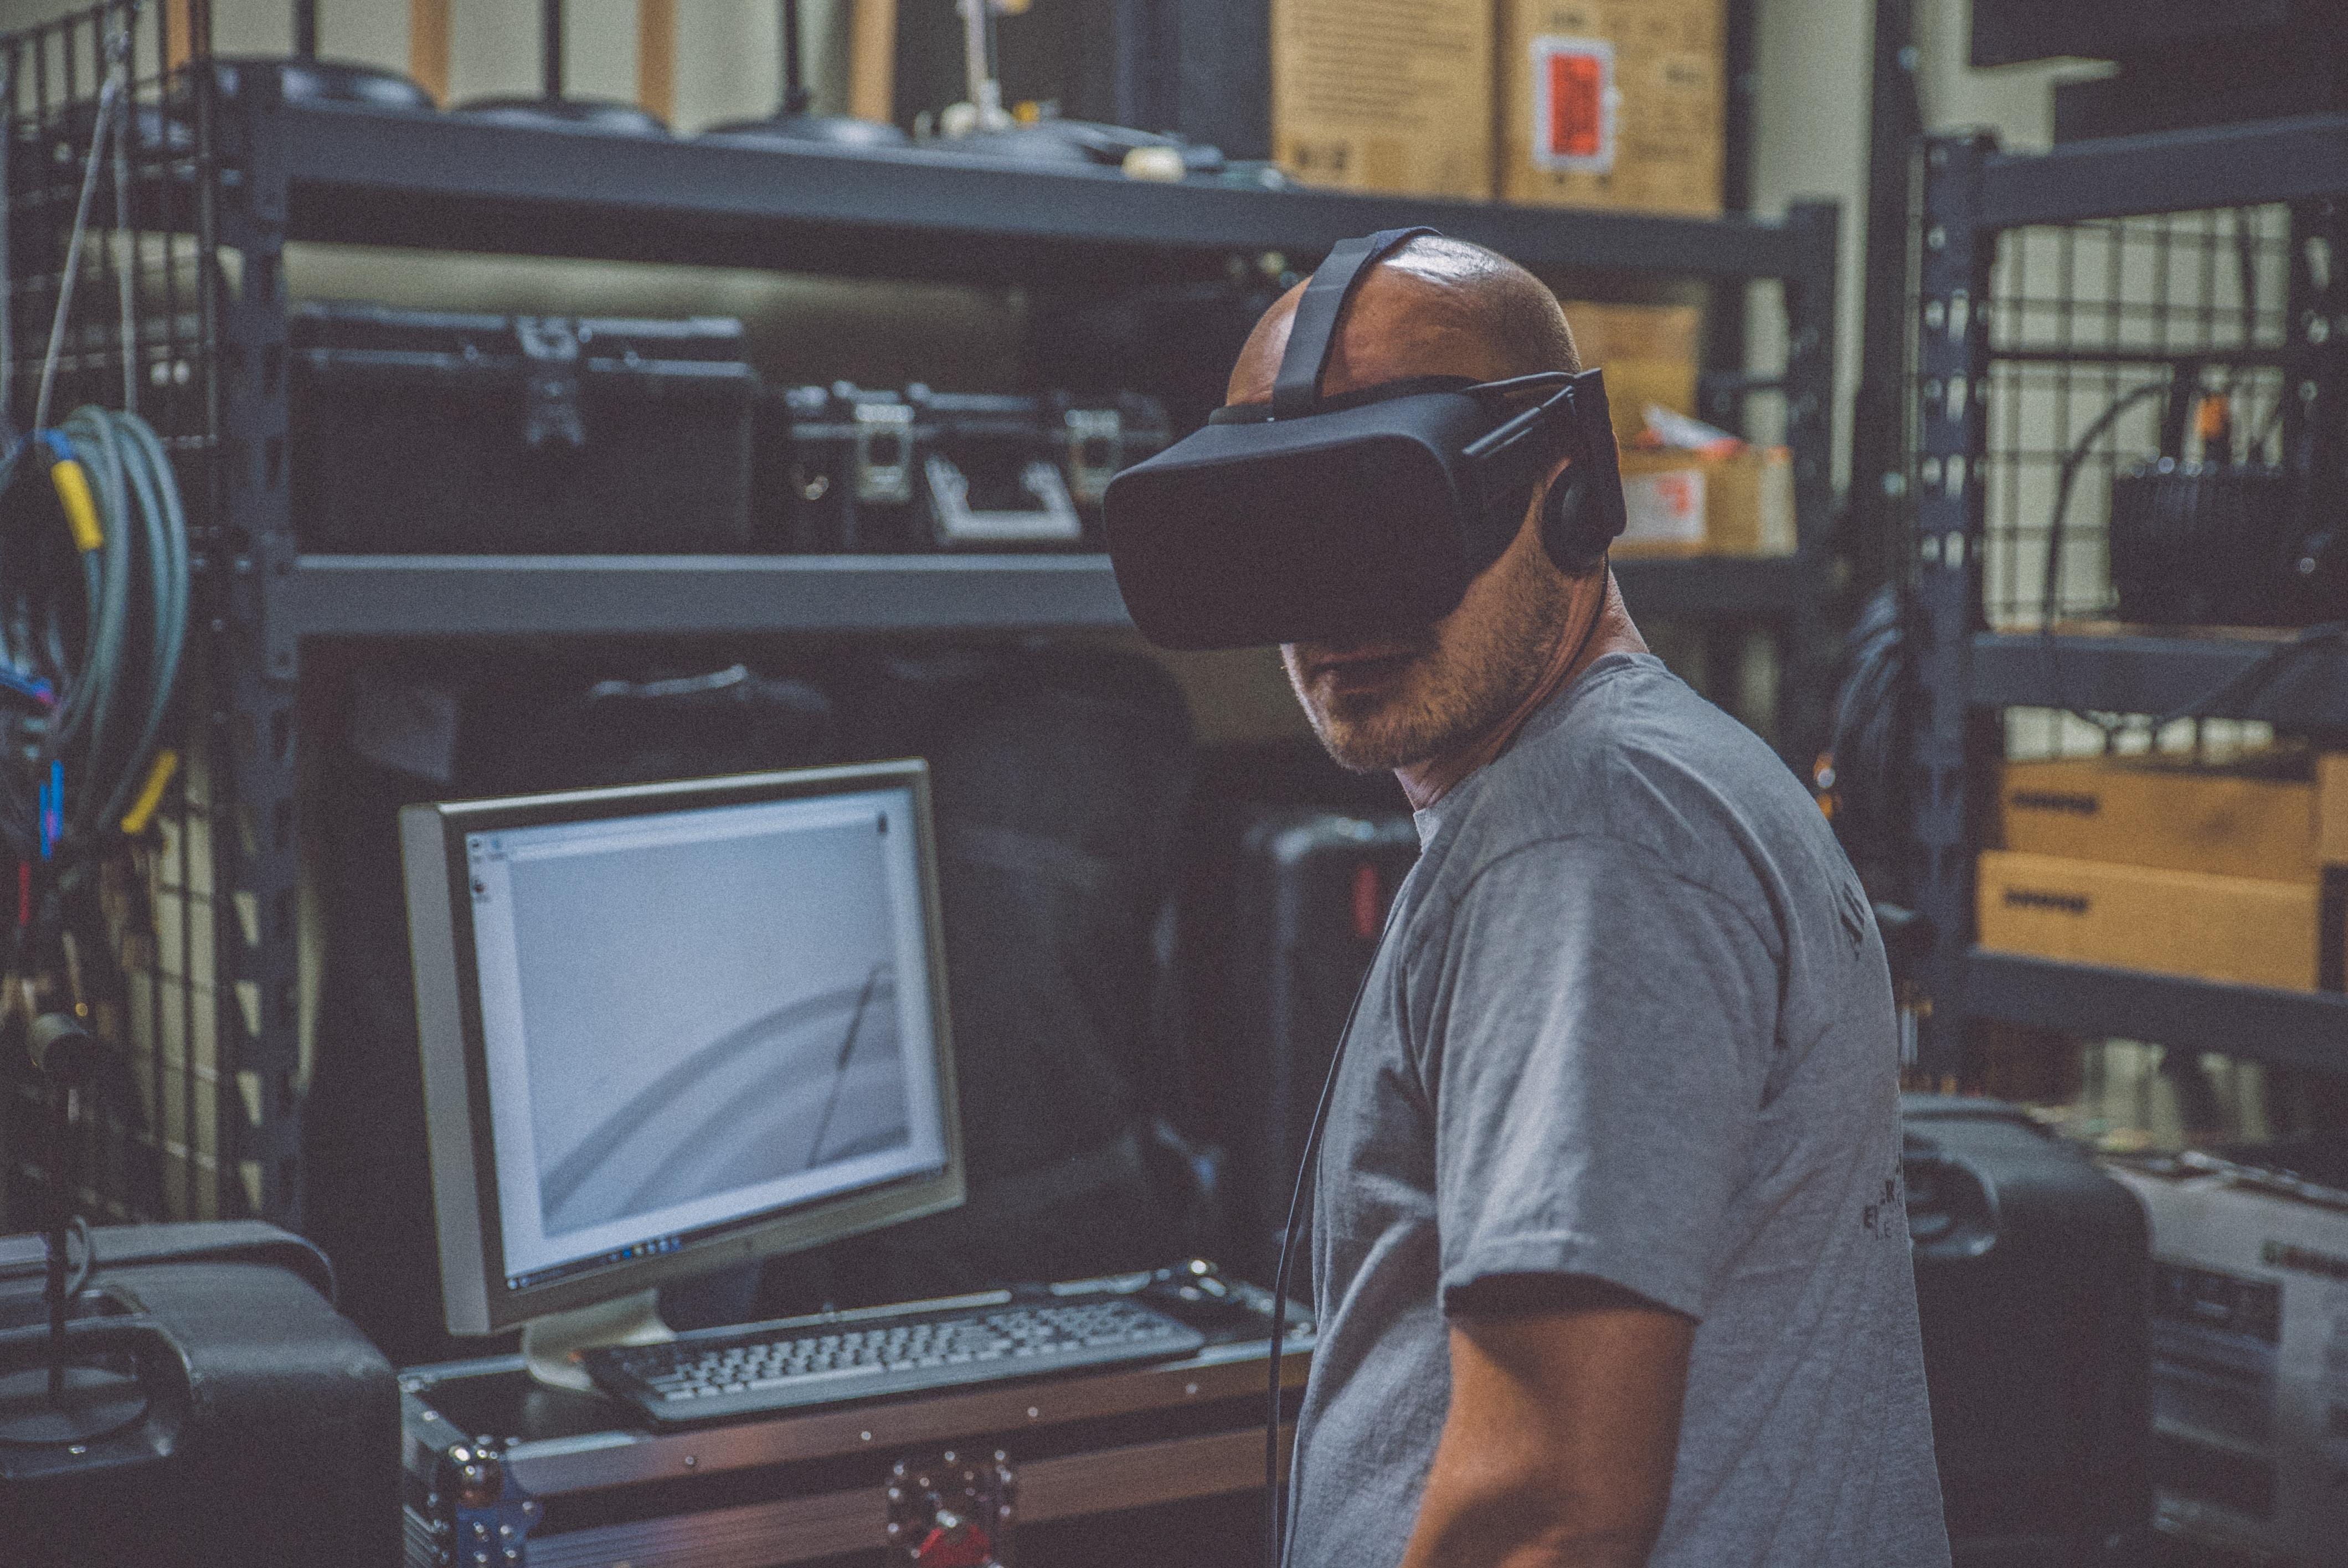 VR Brille Mann Unternehmen